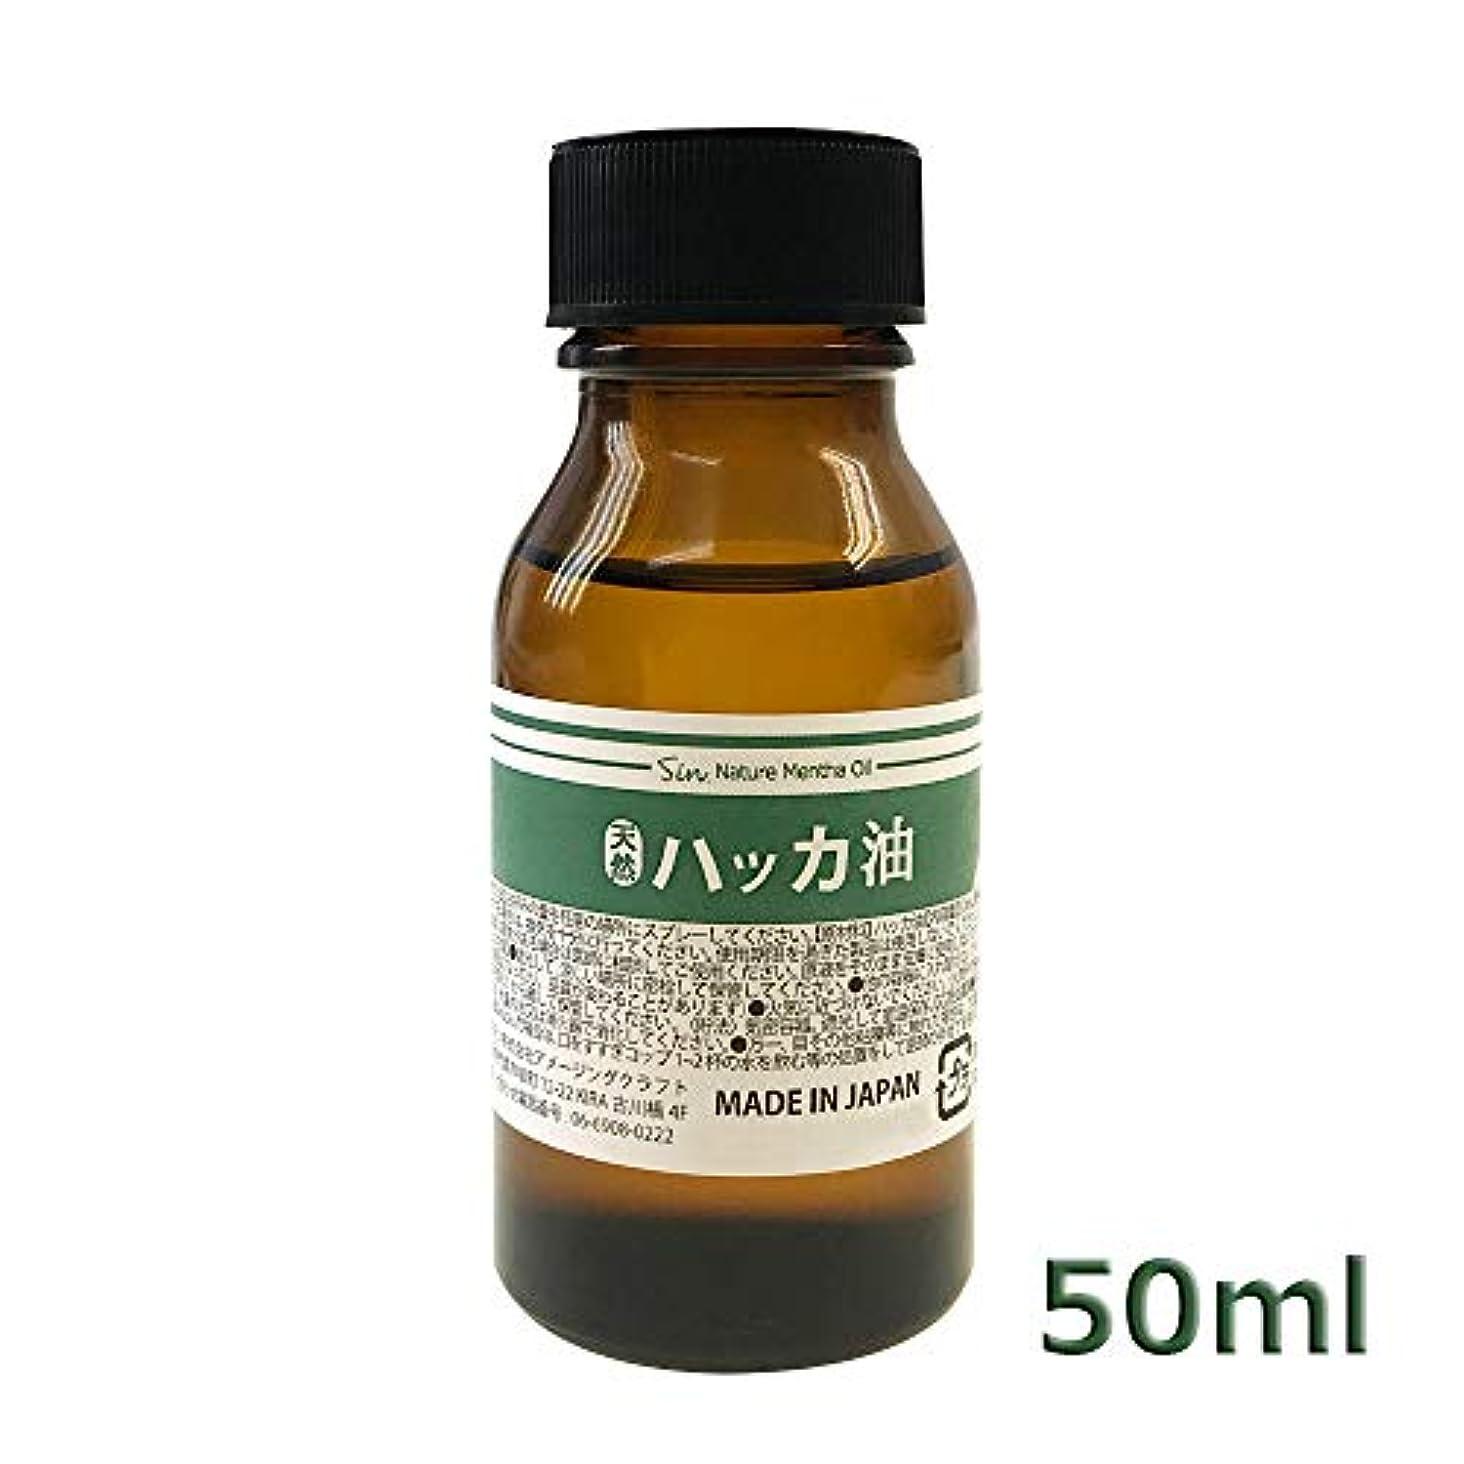 擬人化胆嚢剪断日本製 天然ハッカ油(ハッカオイル) 50ml